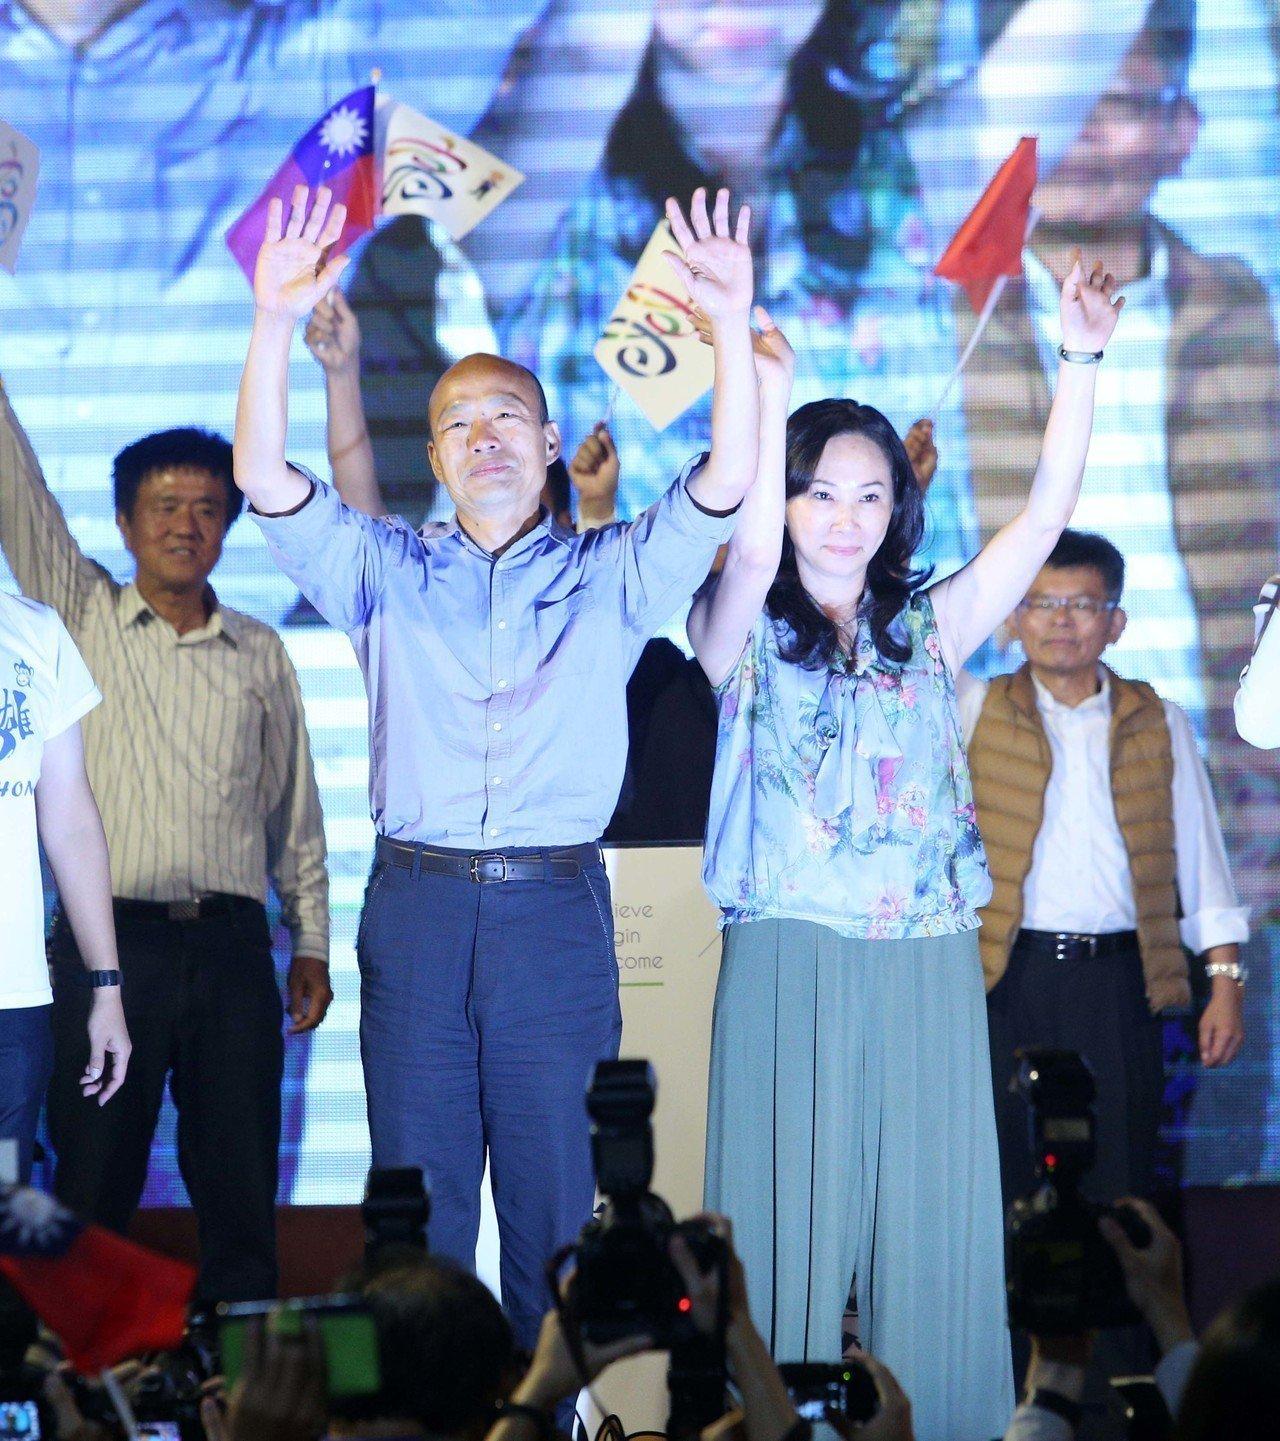 韓國瑜(左)與妻子李佳芬(右)。記者劉學聖/攝影